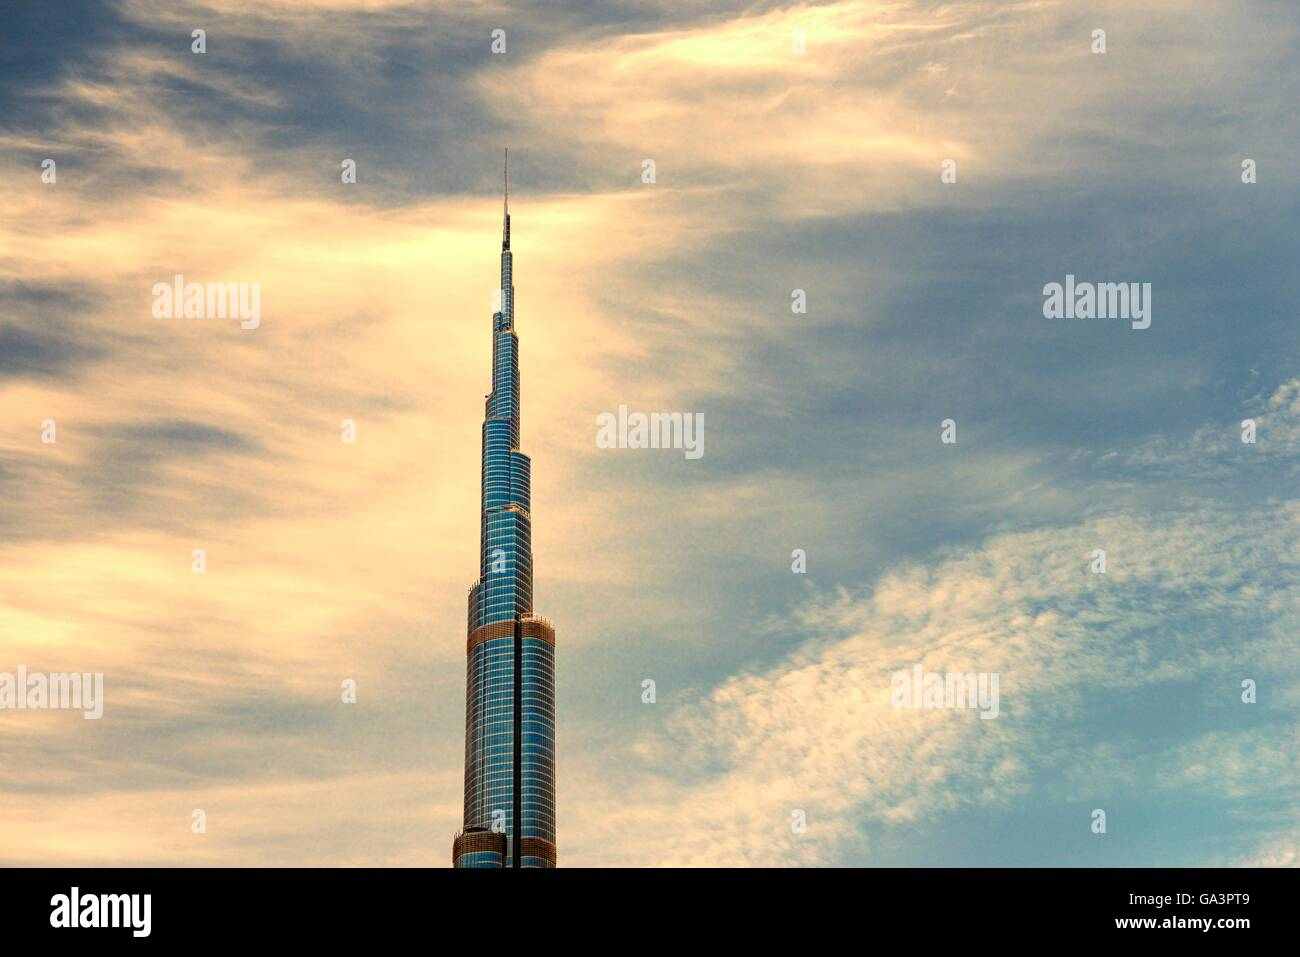 Le Burj Khalifa aka khalifa tower, Burj Dubaï. ville de Dubaï, aux Émirats arabes unis. plus haut Photo Stock